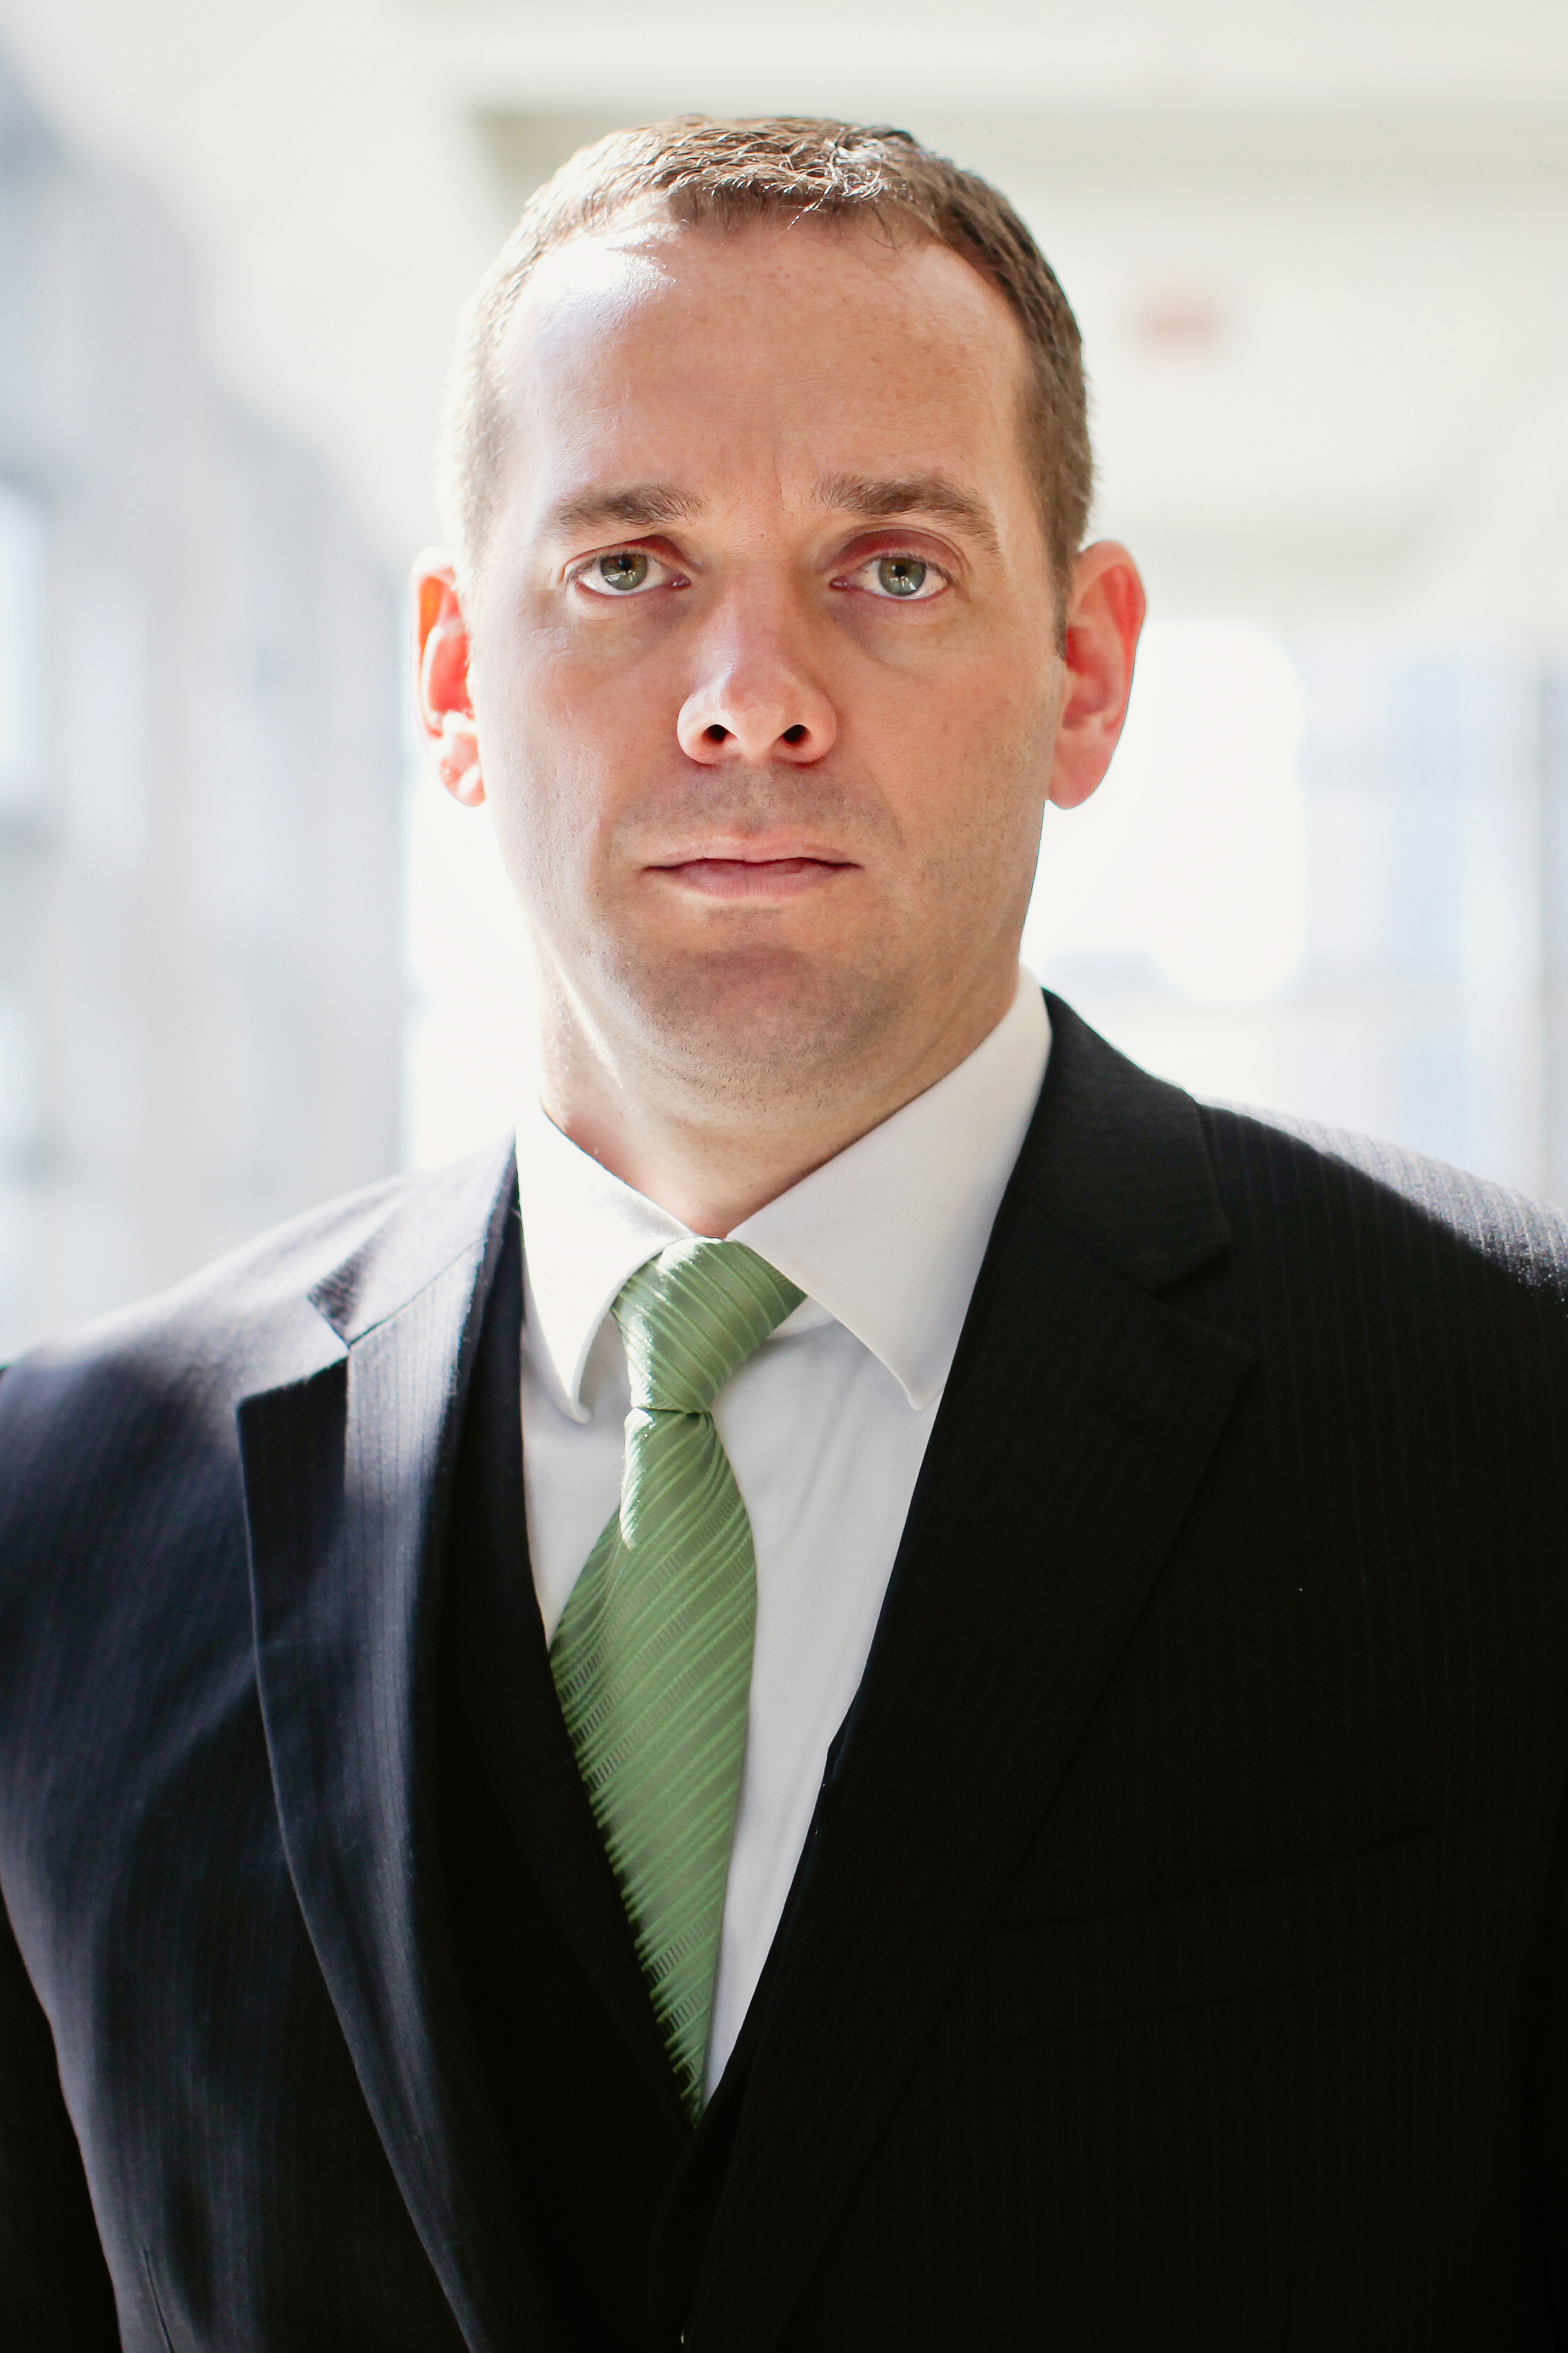 brandon-shroy-ohio-speeding-defense-attorney